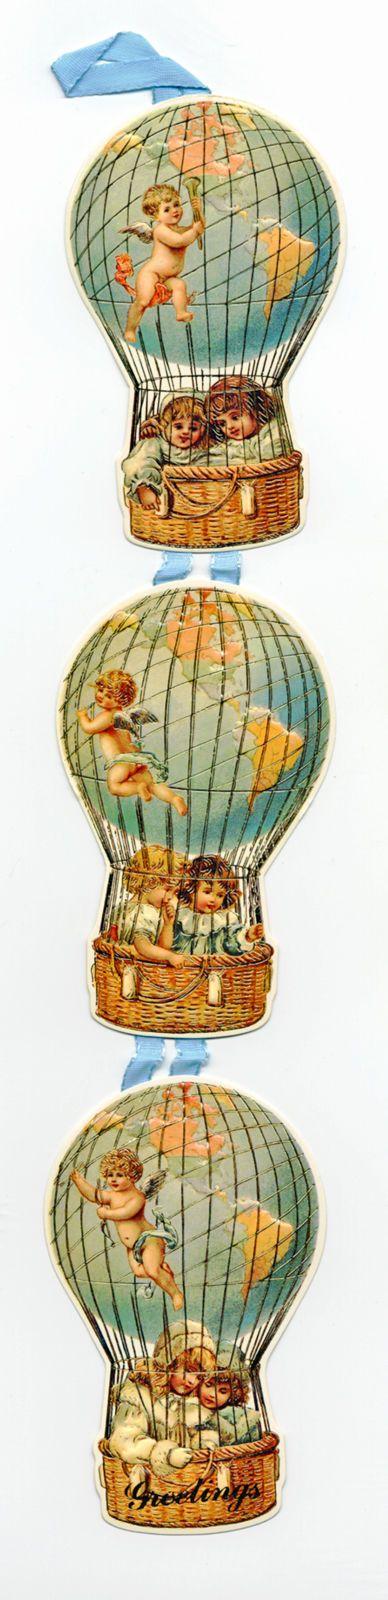 Liebe Grüße Aus Dem Heißluftballon Außergewöhnliche 3STUFIGE Karte Blaues Band   eBay